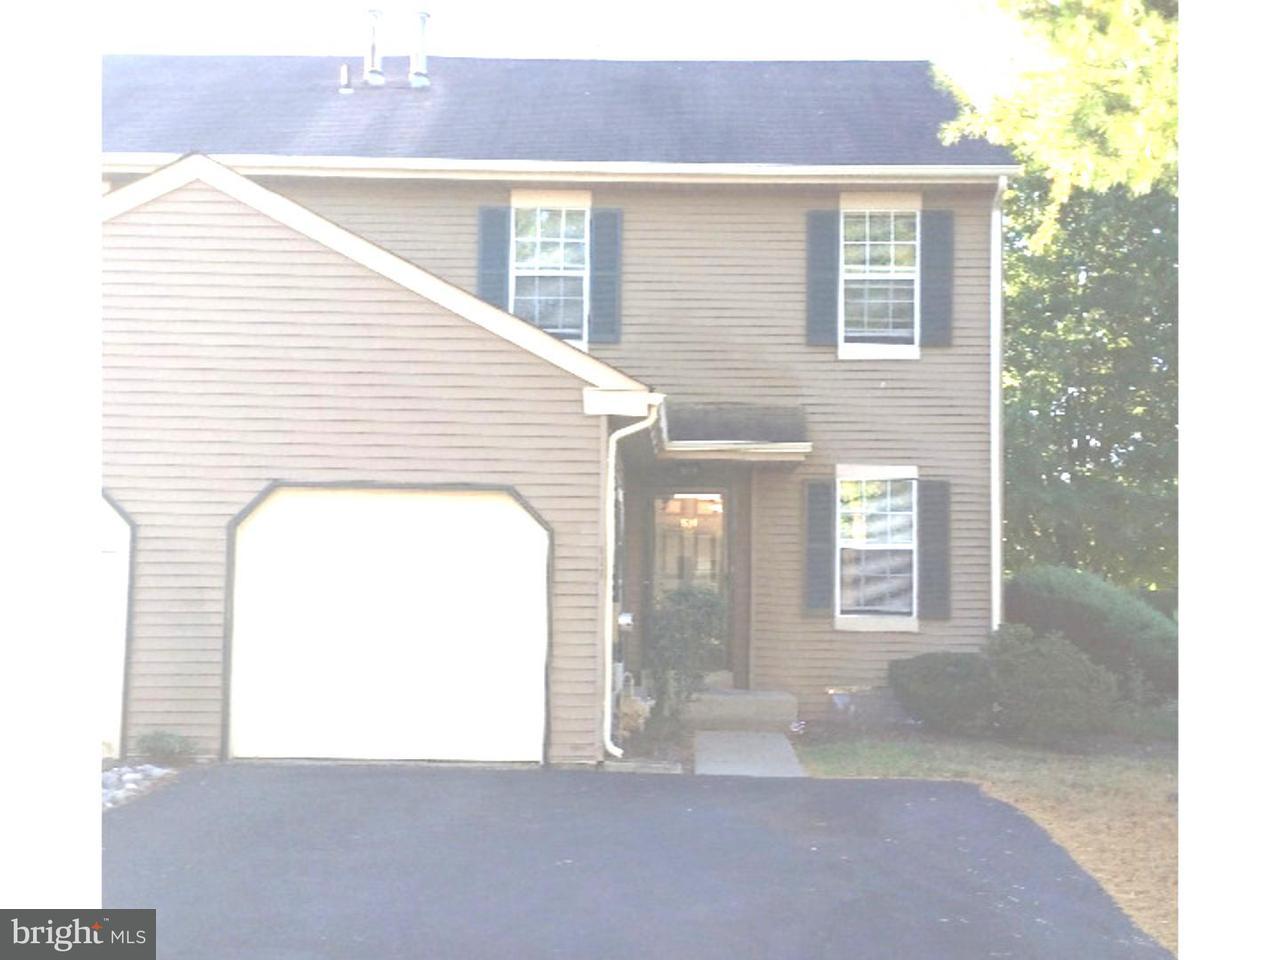 Casa unifamiliar adosada (Townhouse) por un Alquiler en 610 LARCH CT #A5610 Yardley, Pennsylvania 19067 Estados Unidos